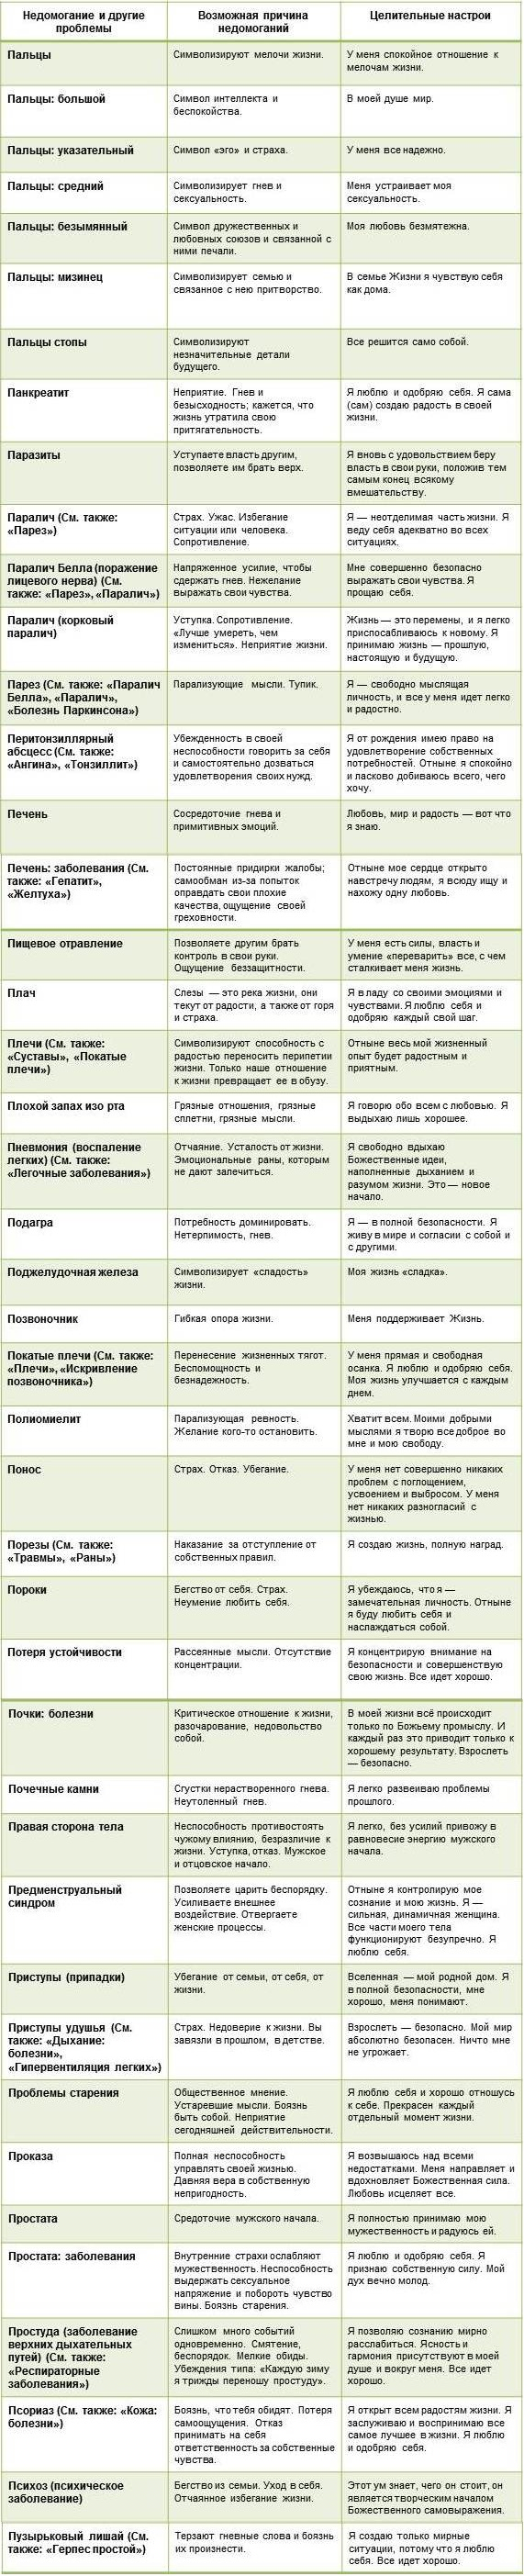 Таблица причин болезней составленная Луизой Хей